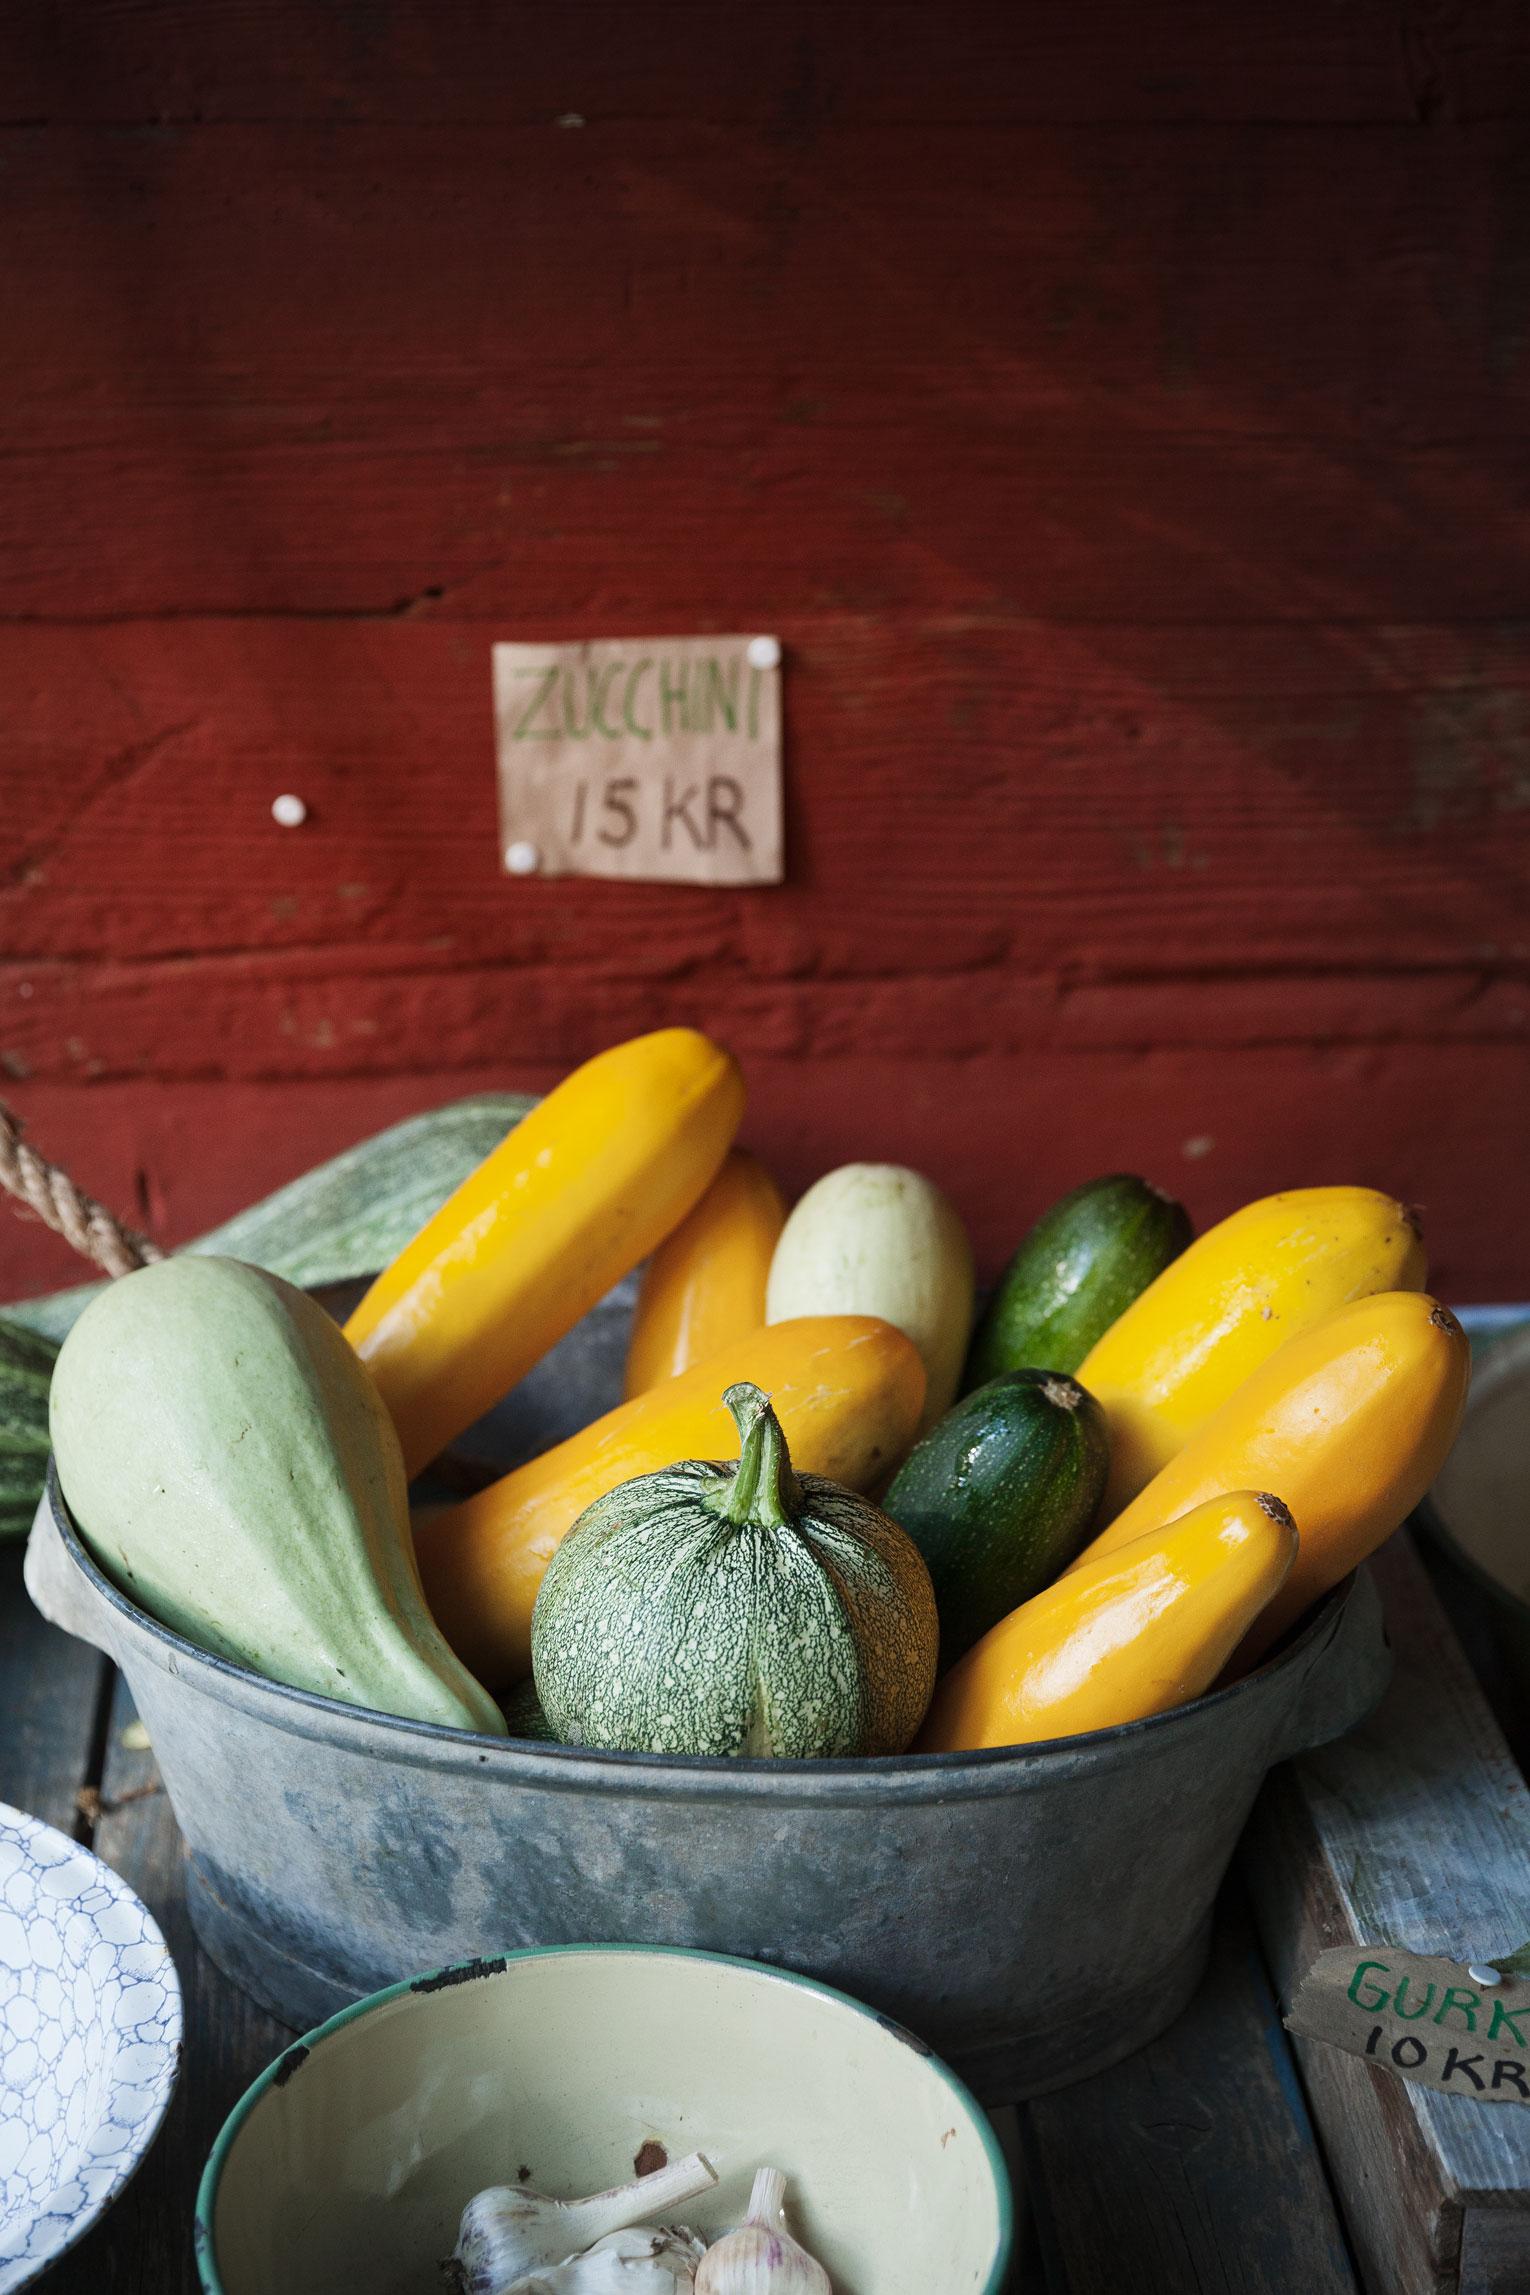 odla zucchini